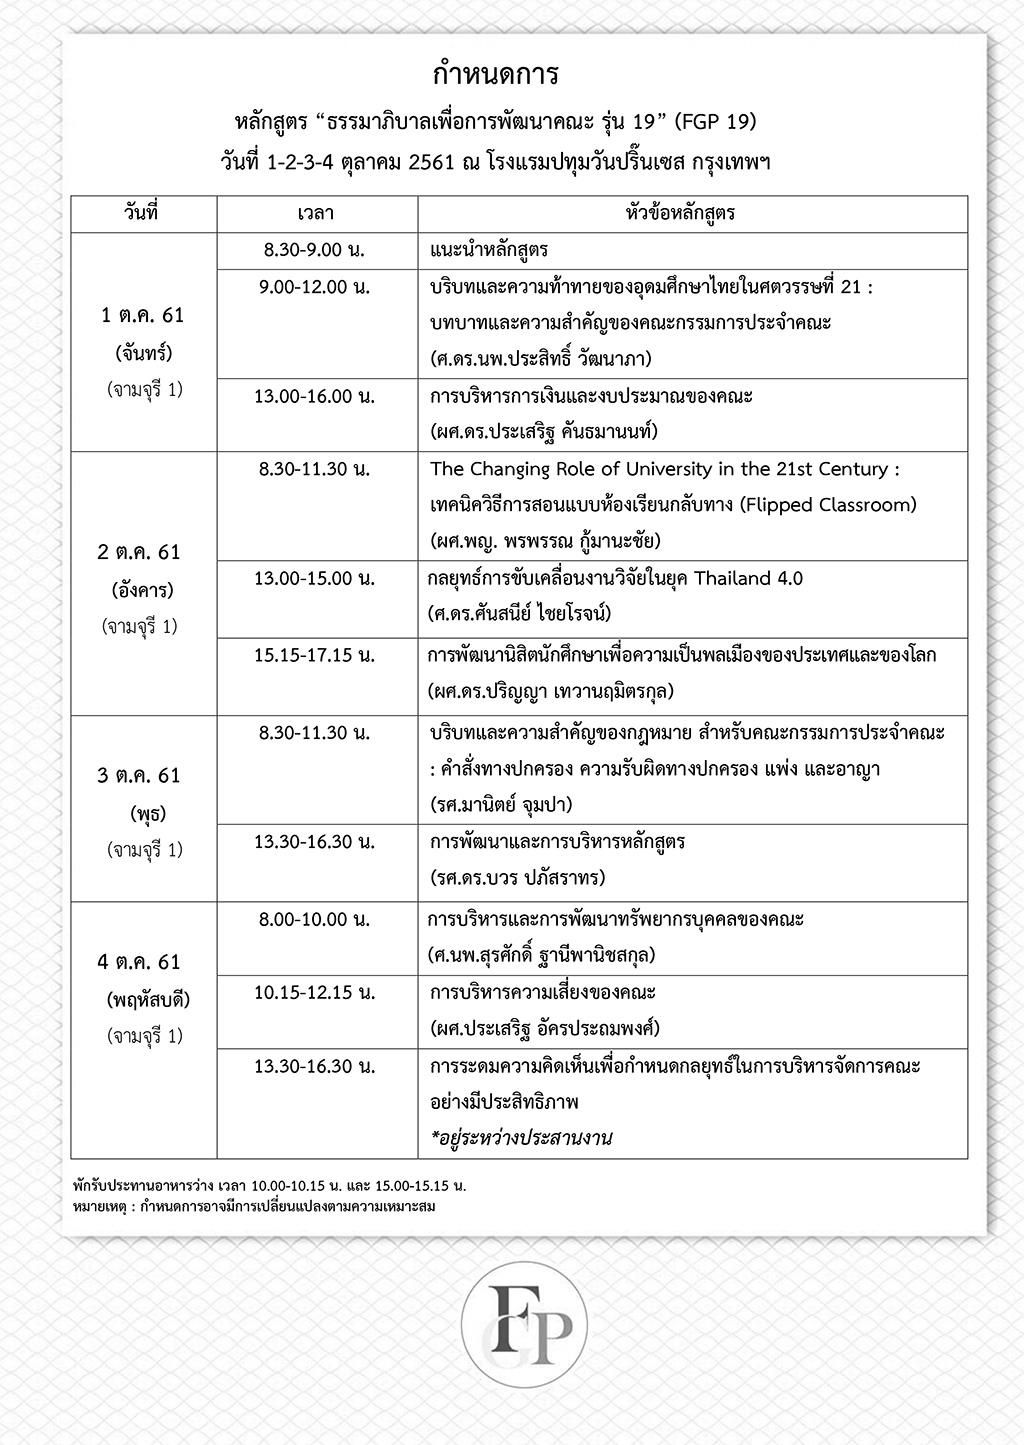 agenda-fgp19